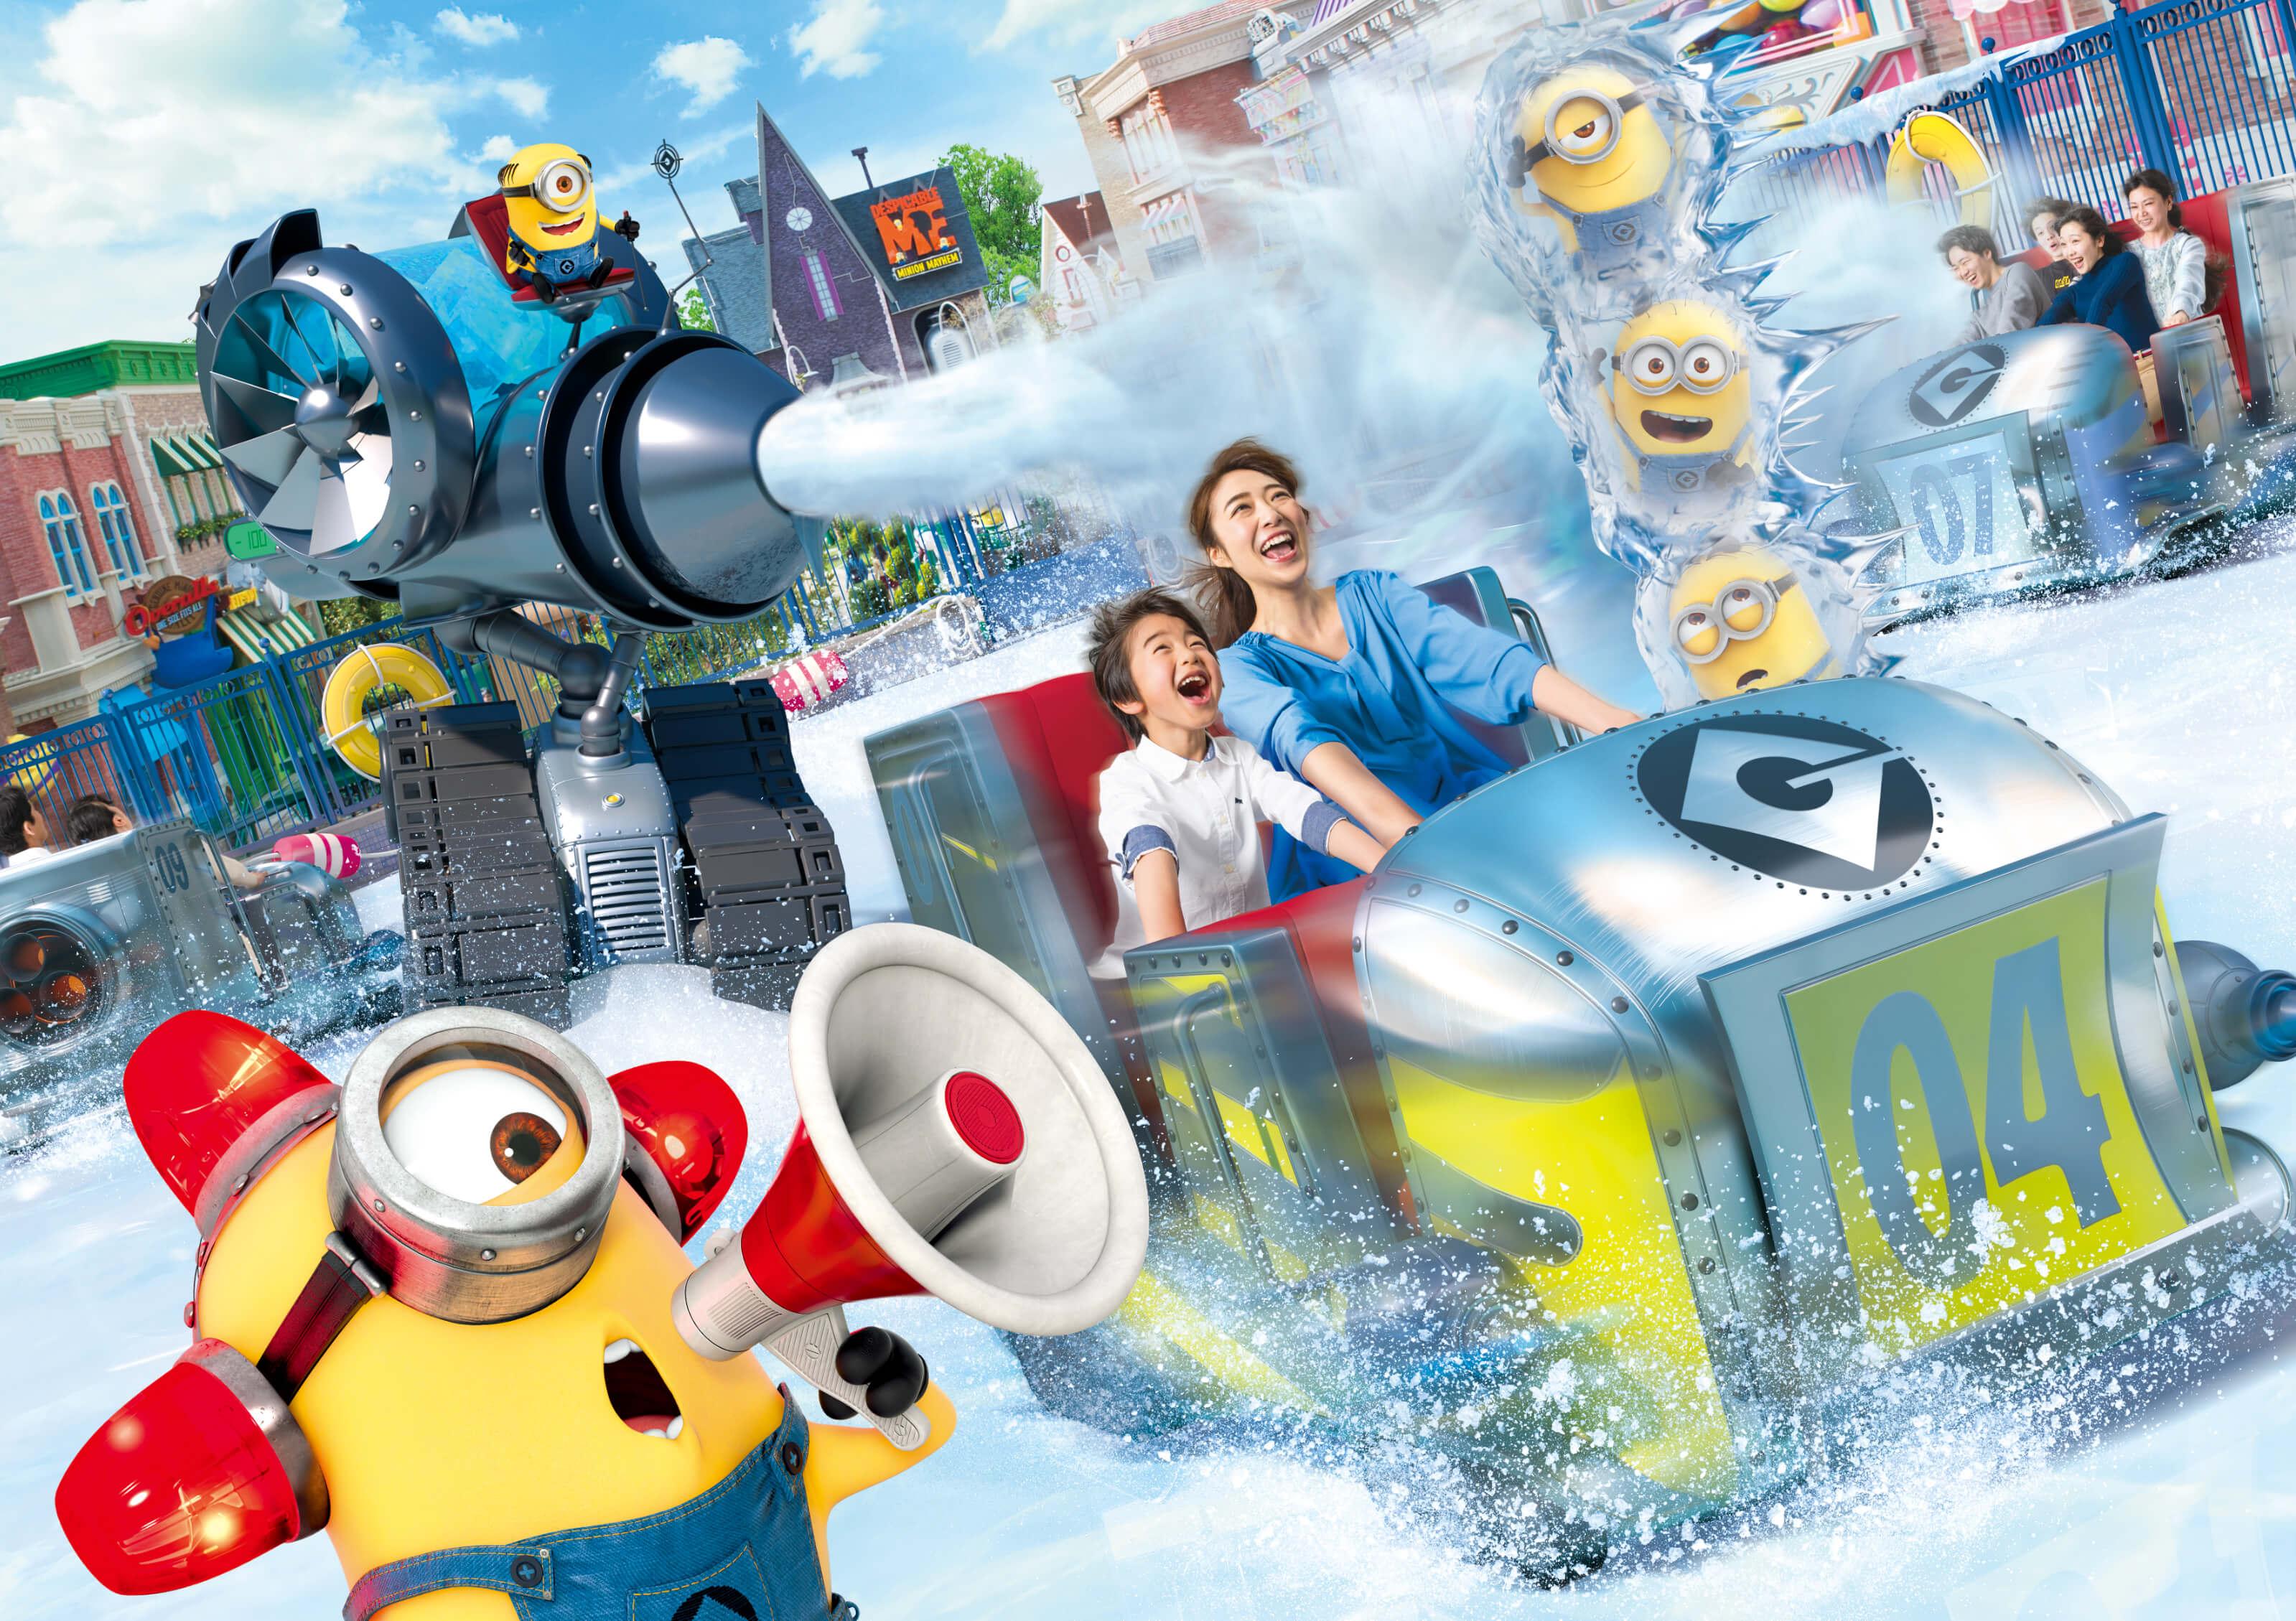 全新乘坐型遊樂設施「Freeze Ray Sliders(小小兵冰上暴動)」將於日本環球影城登場! 小小兵、